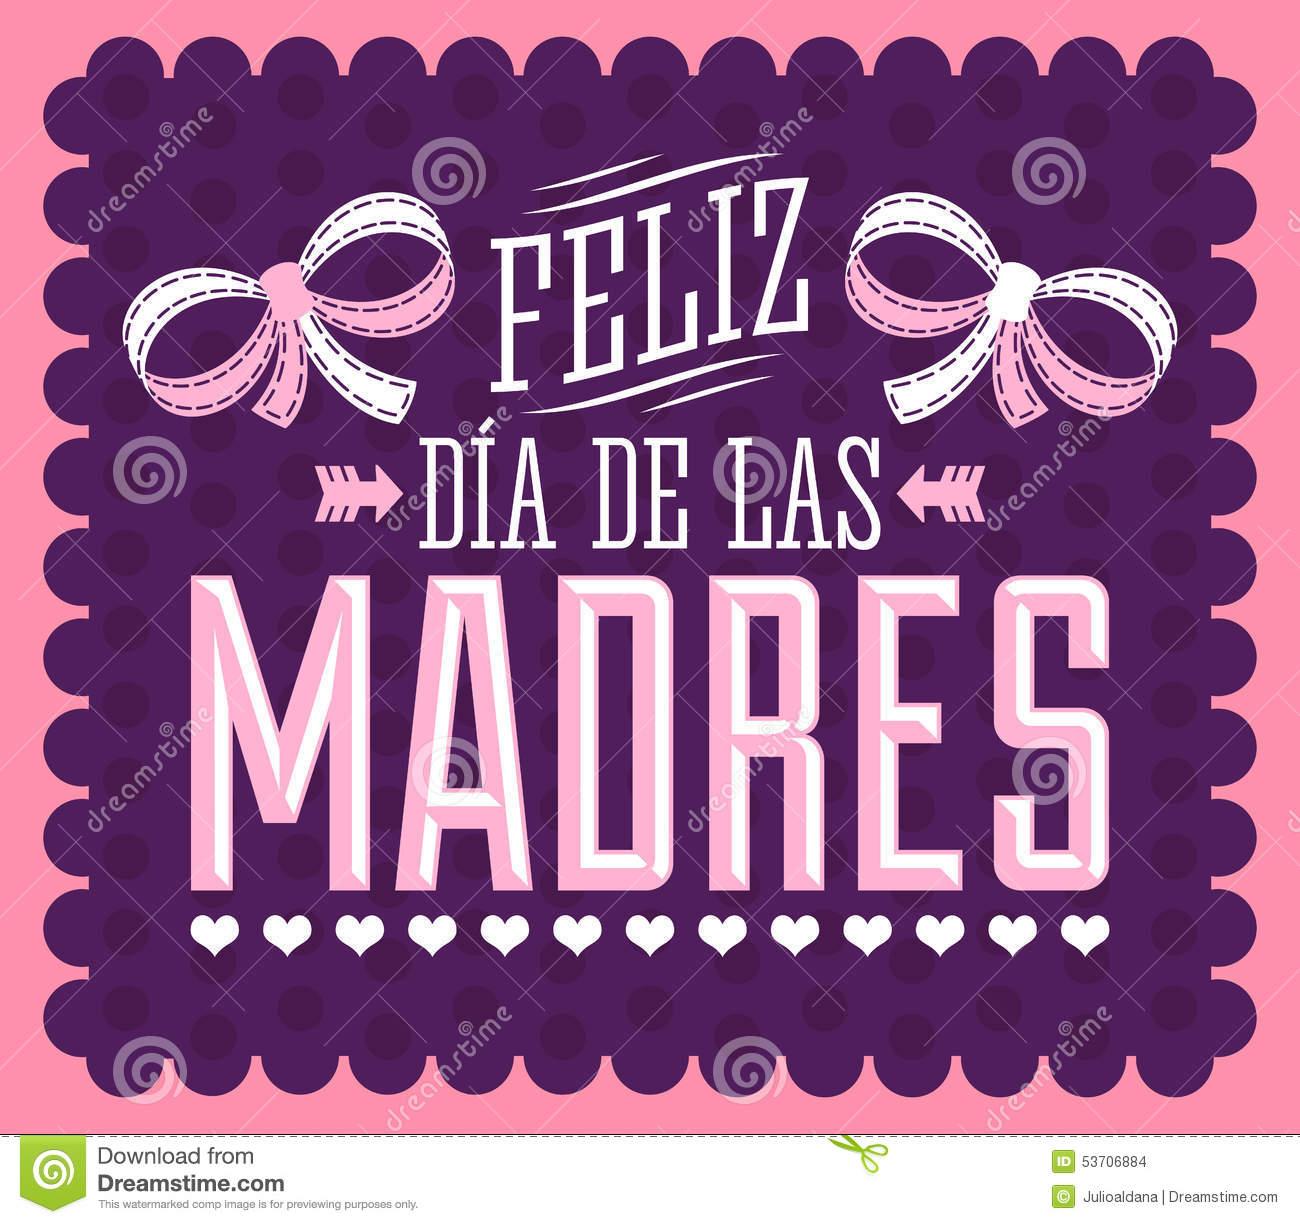 Feliz Dia De Las Madres, Happy Mother S Day Spanish Text Stock.